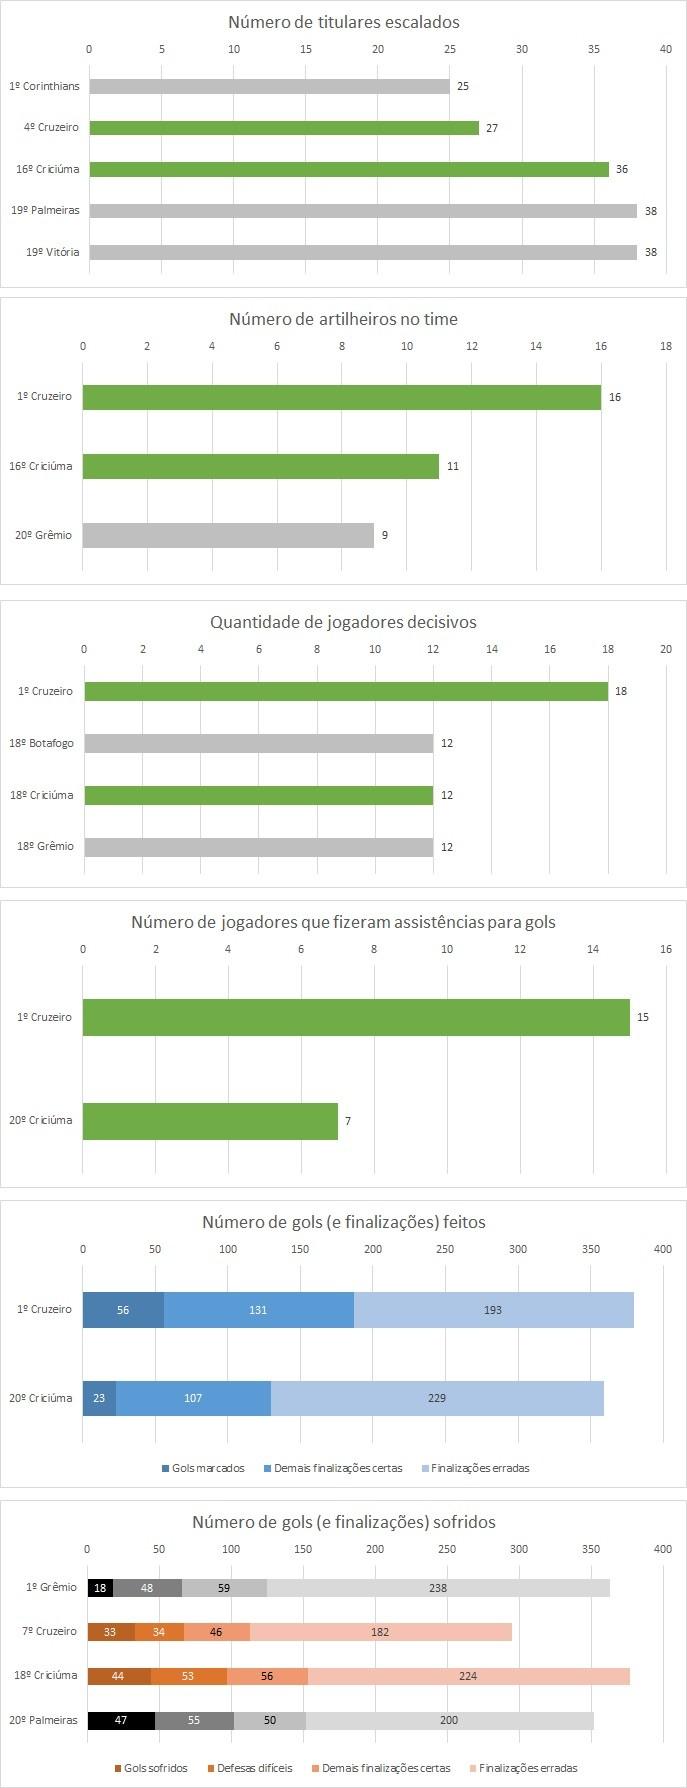 Comparação entre Criciúma e Cruzeiro (Foto: GloboEsporte.com)